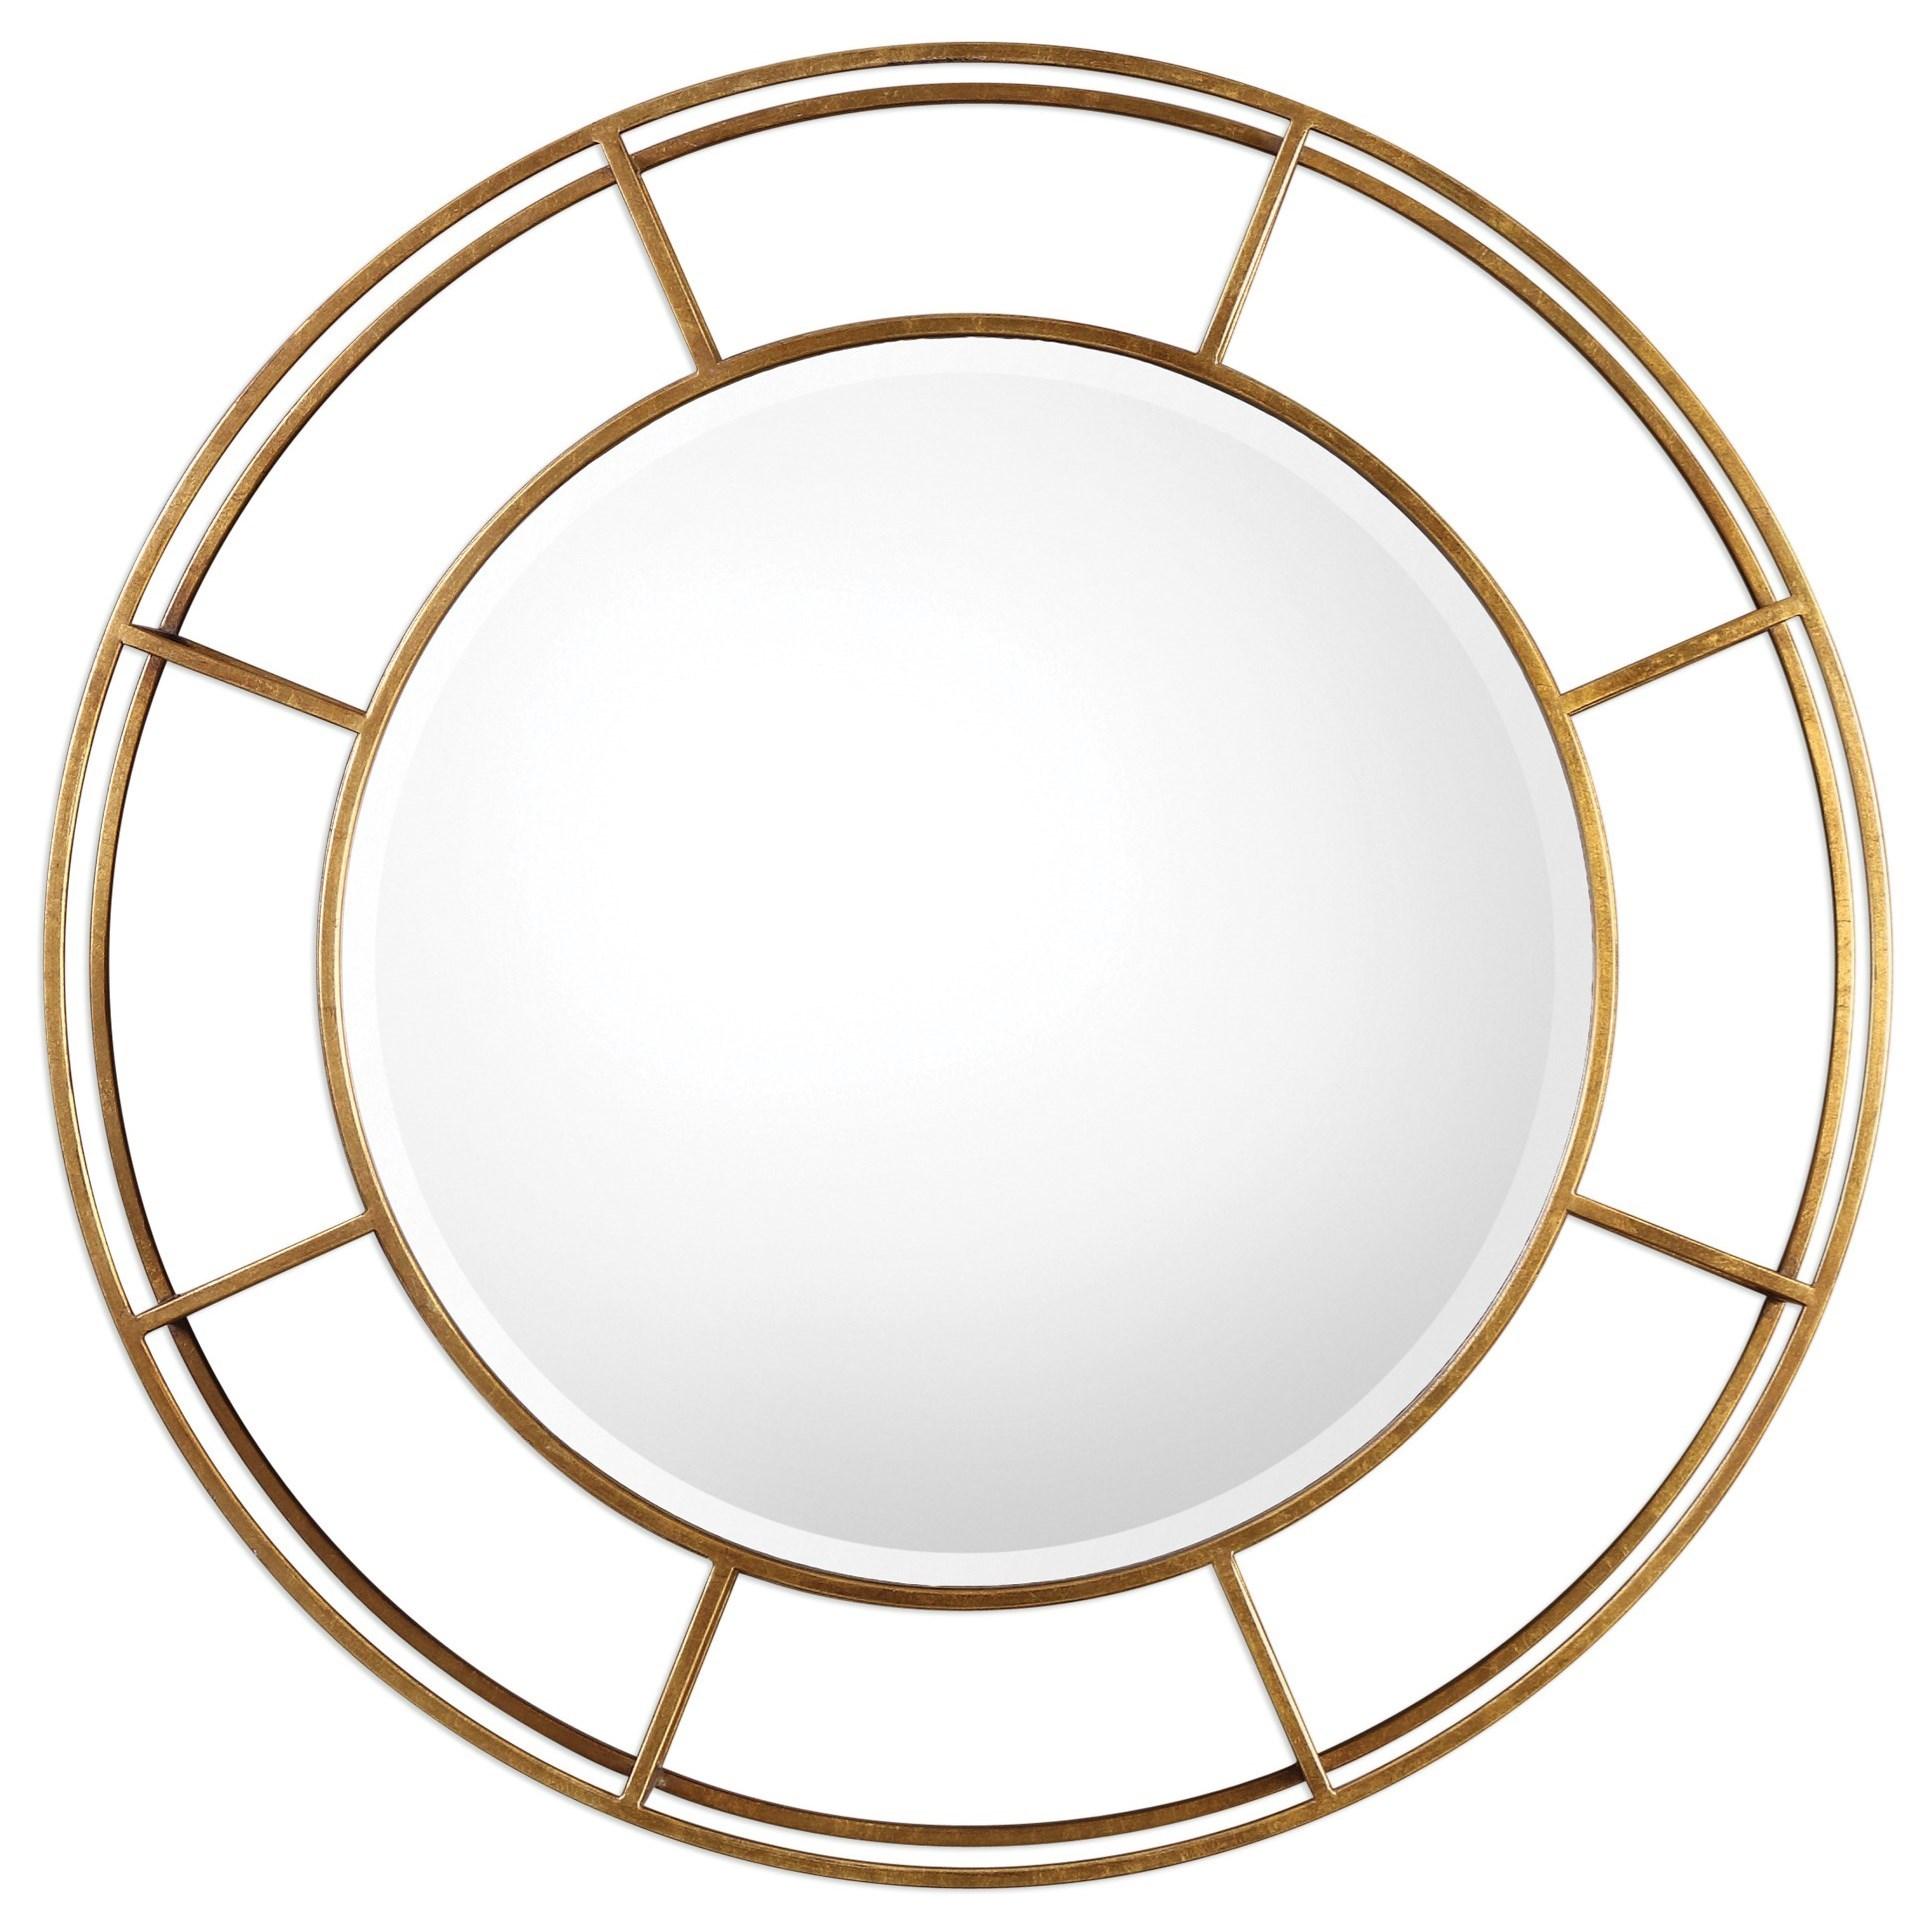 Uttermost Mirrors Salleron Round Mirror | Miskelly Furniture | Wall Mirrors